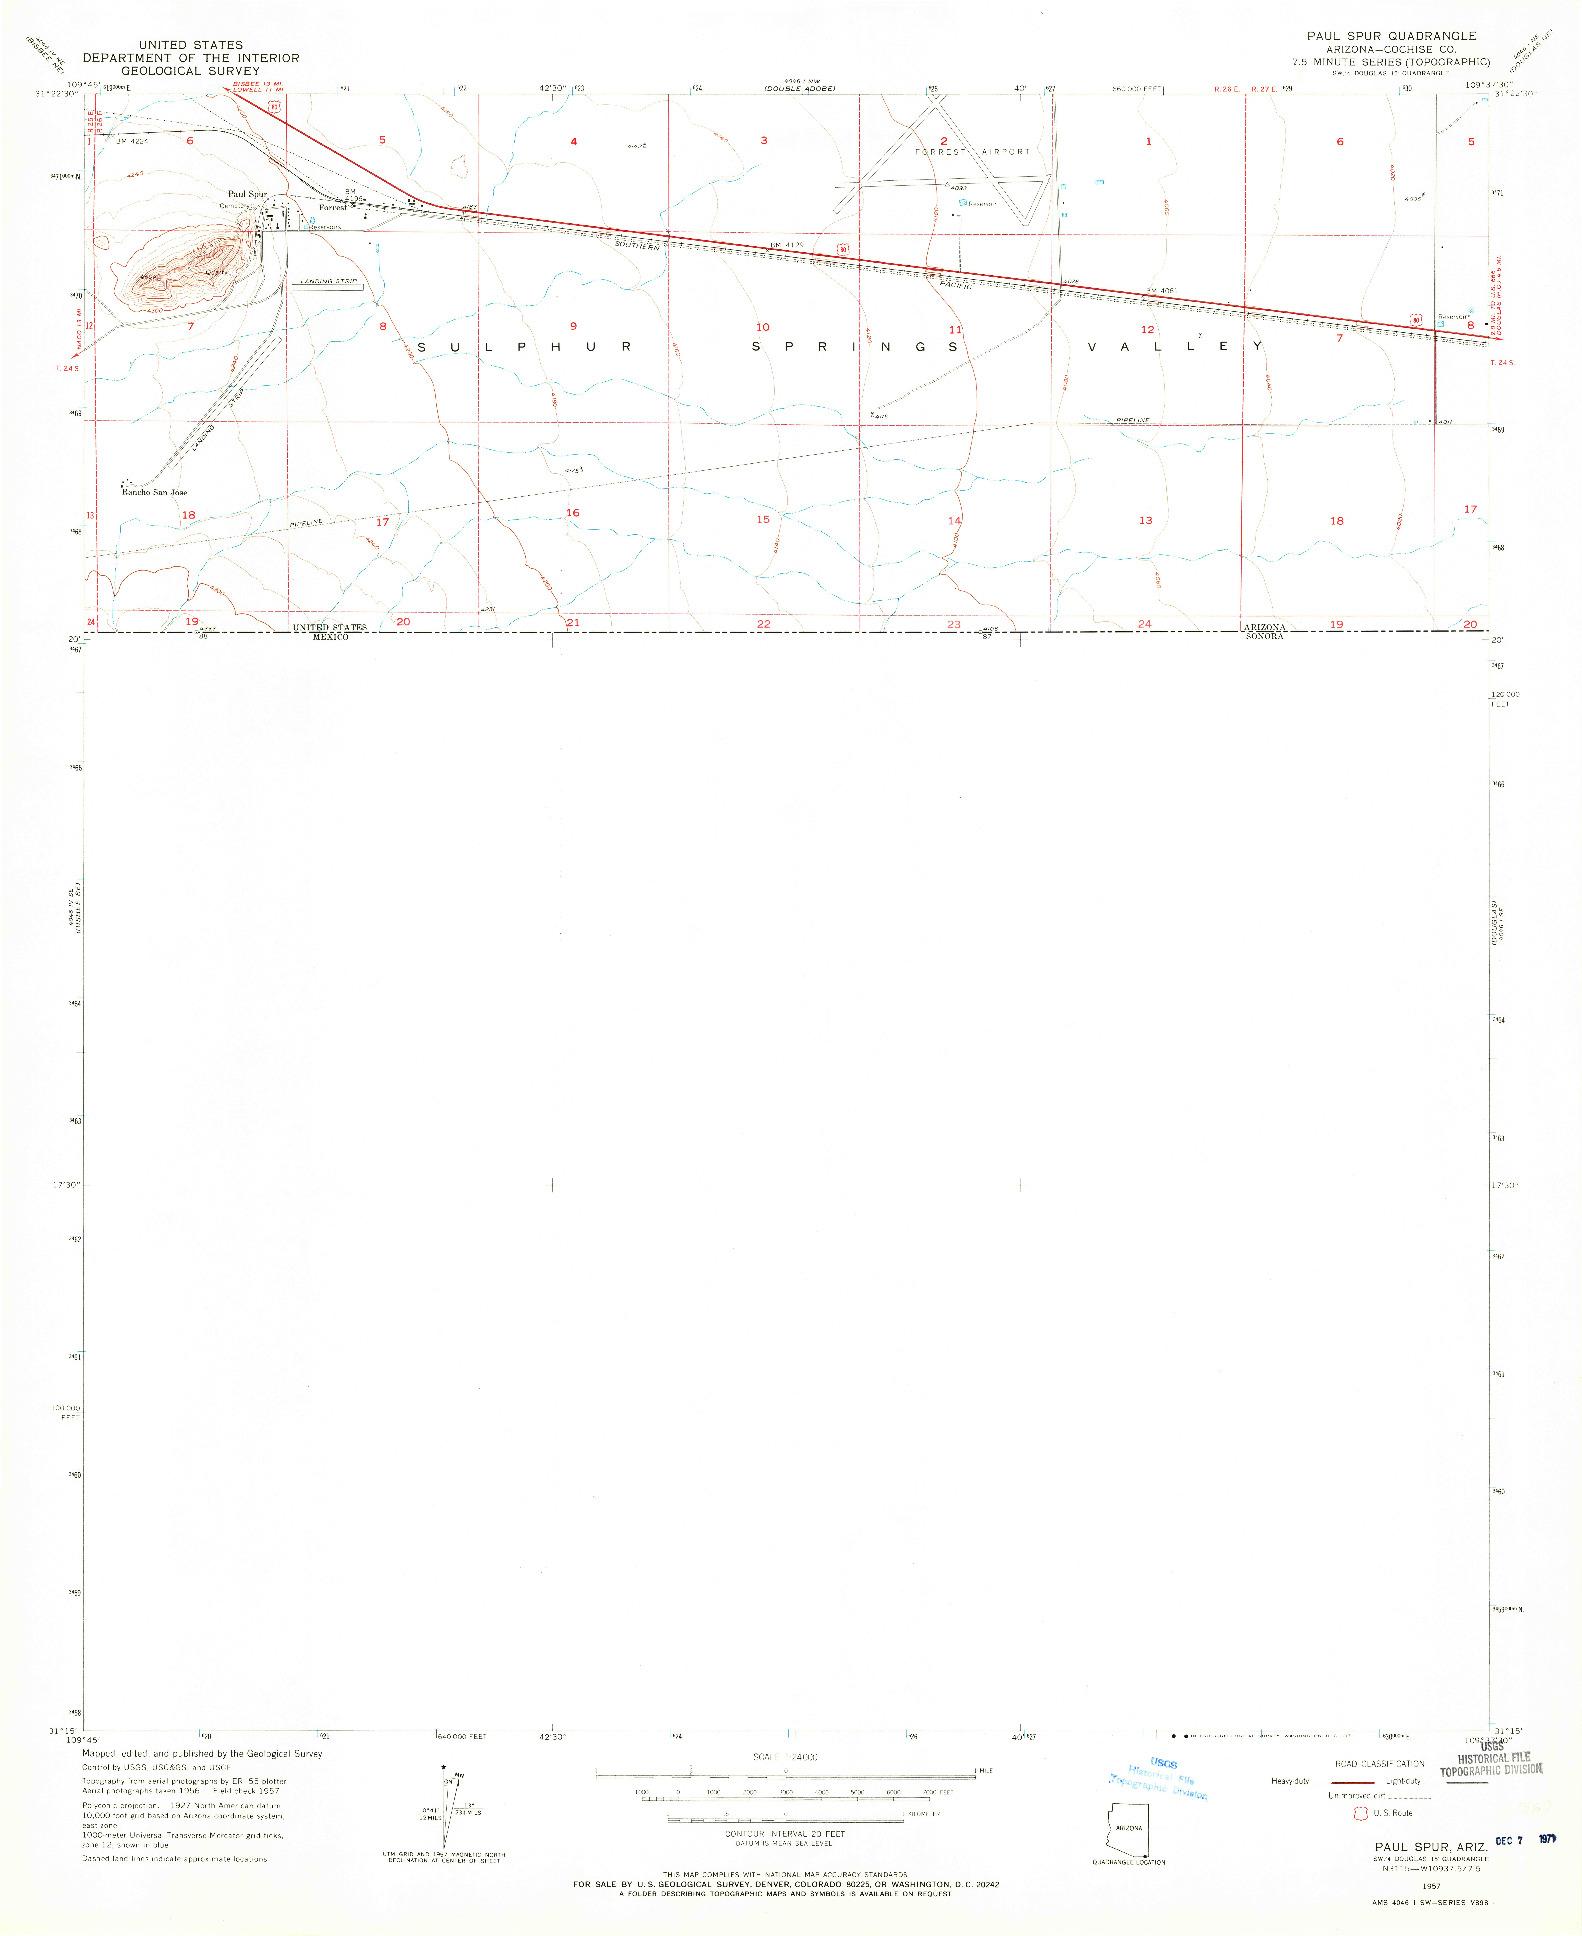 USGS 1:24000-SCALE QUADRANGLE FOR PAUL SPUR, AZ 1957